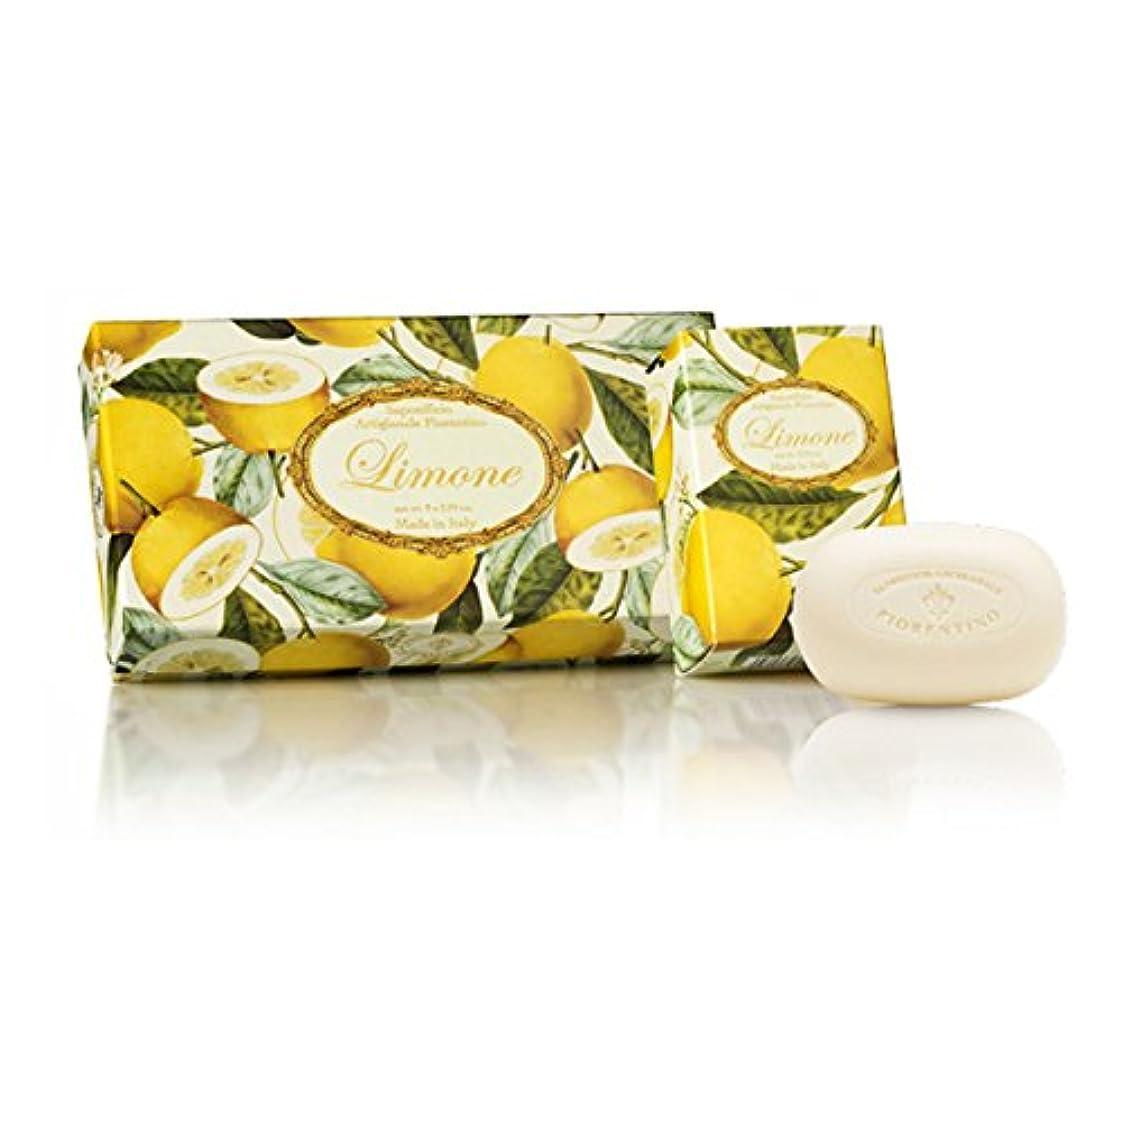 ながら制約療法フィレンツェの長い歴史から生まれたこだわり石鹸 レモン【150g×3個セット】